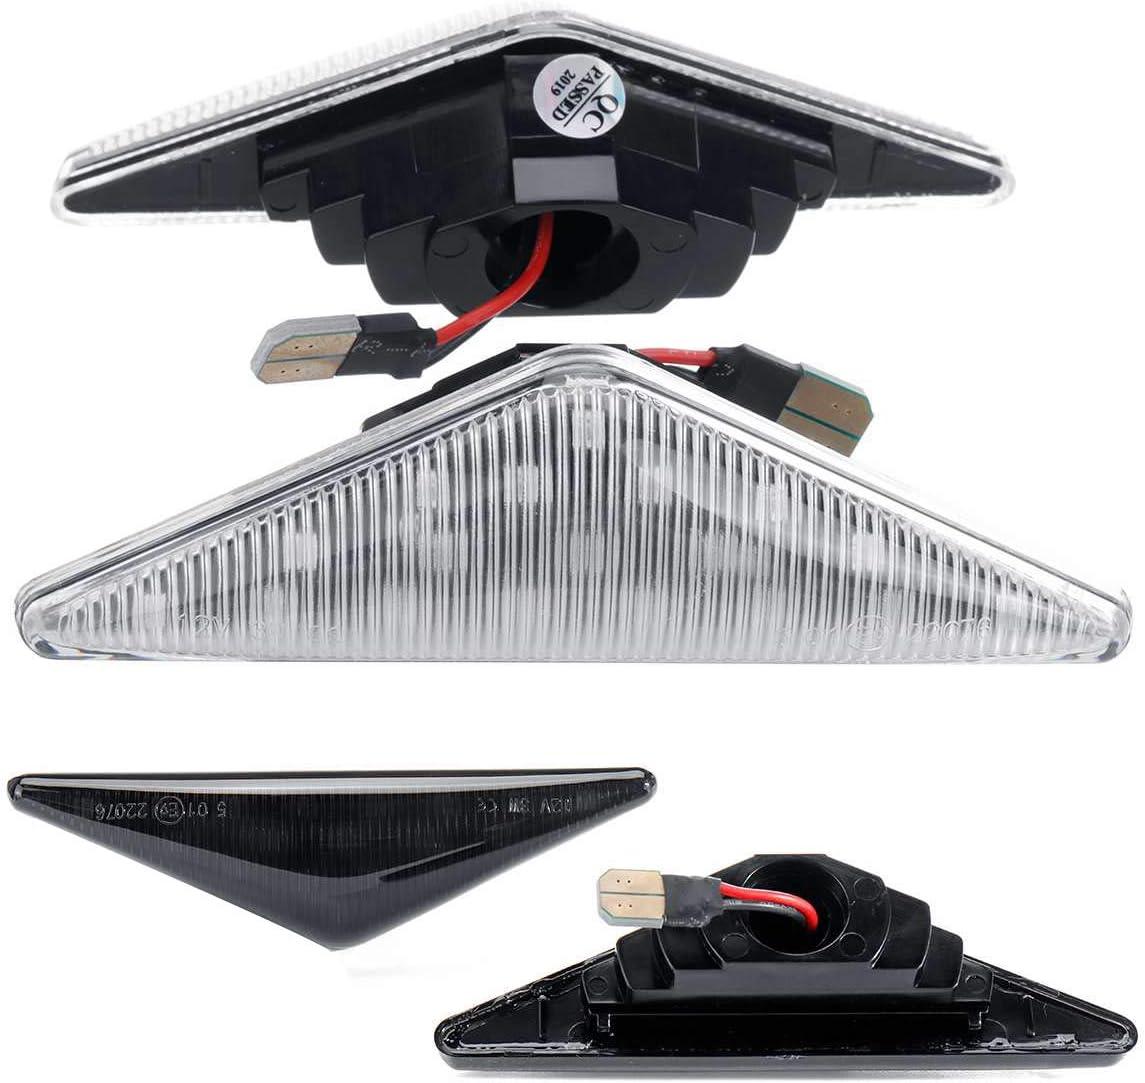 WOVELOT 1Pair Lumi/èRe De Voiture Lampe LED C?t/é Marqueur Clignotant Clignotant Indicateur pour Mondeo Mk1 Mk3 Transparent